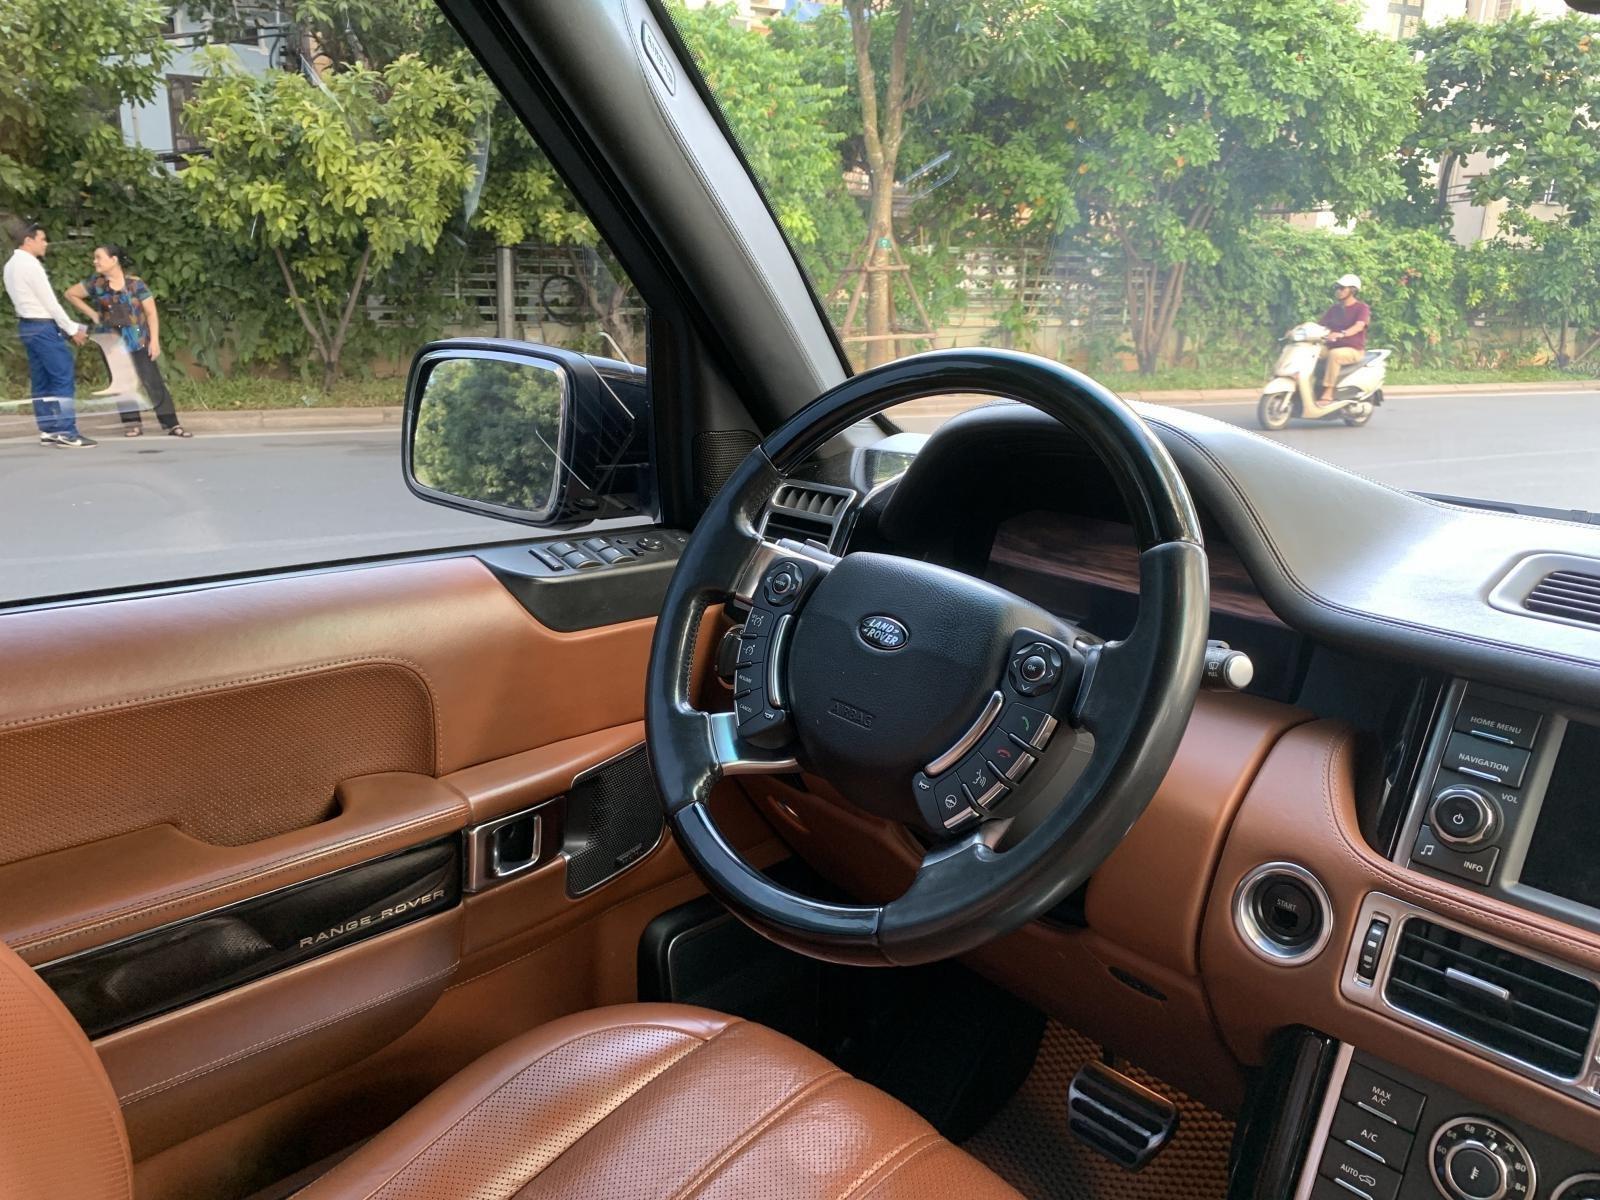 Bán LandRover Range Rover Autobiography 5.0 sản xuất năm 2012, màu đen, nhập khẩu nguyên chiếc (3)